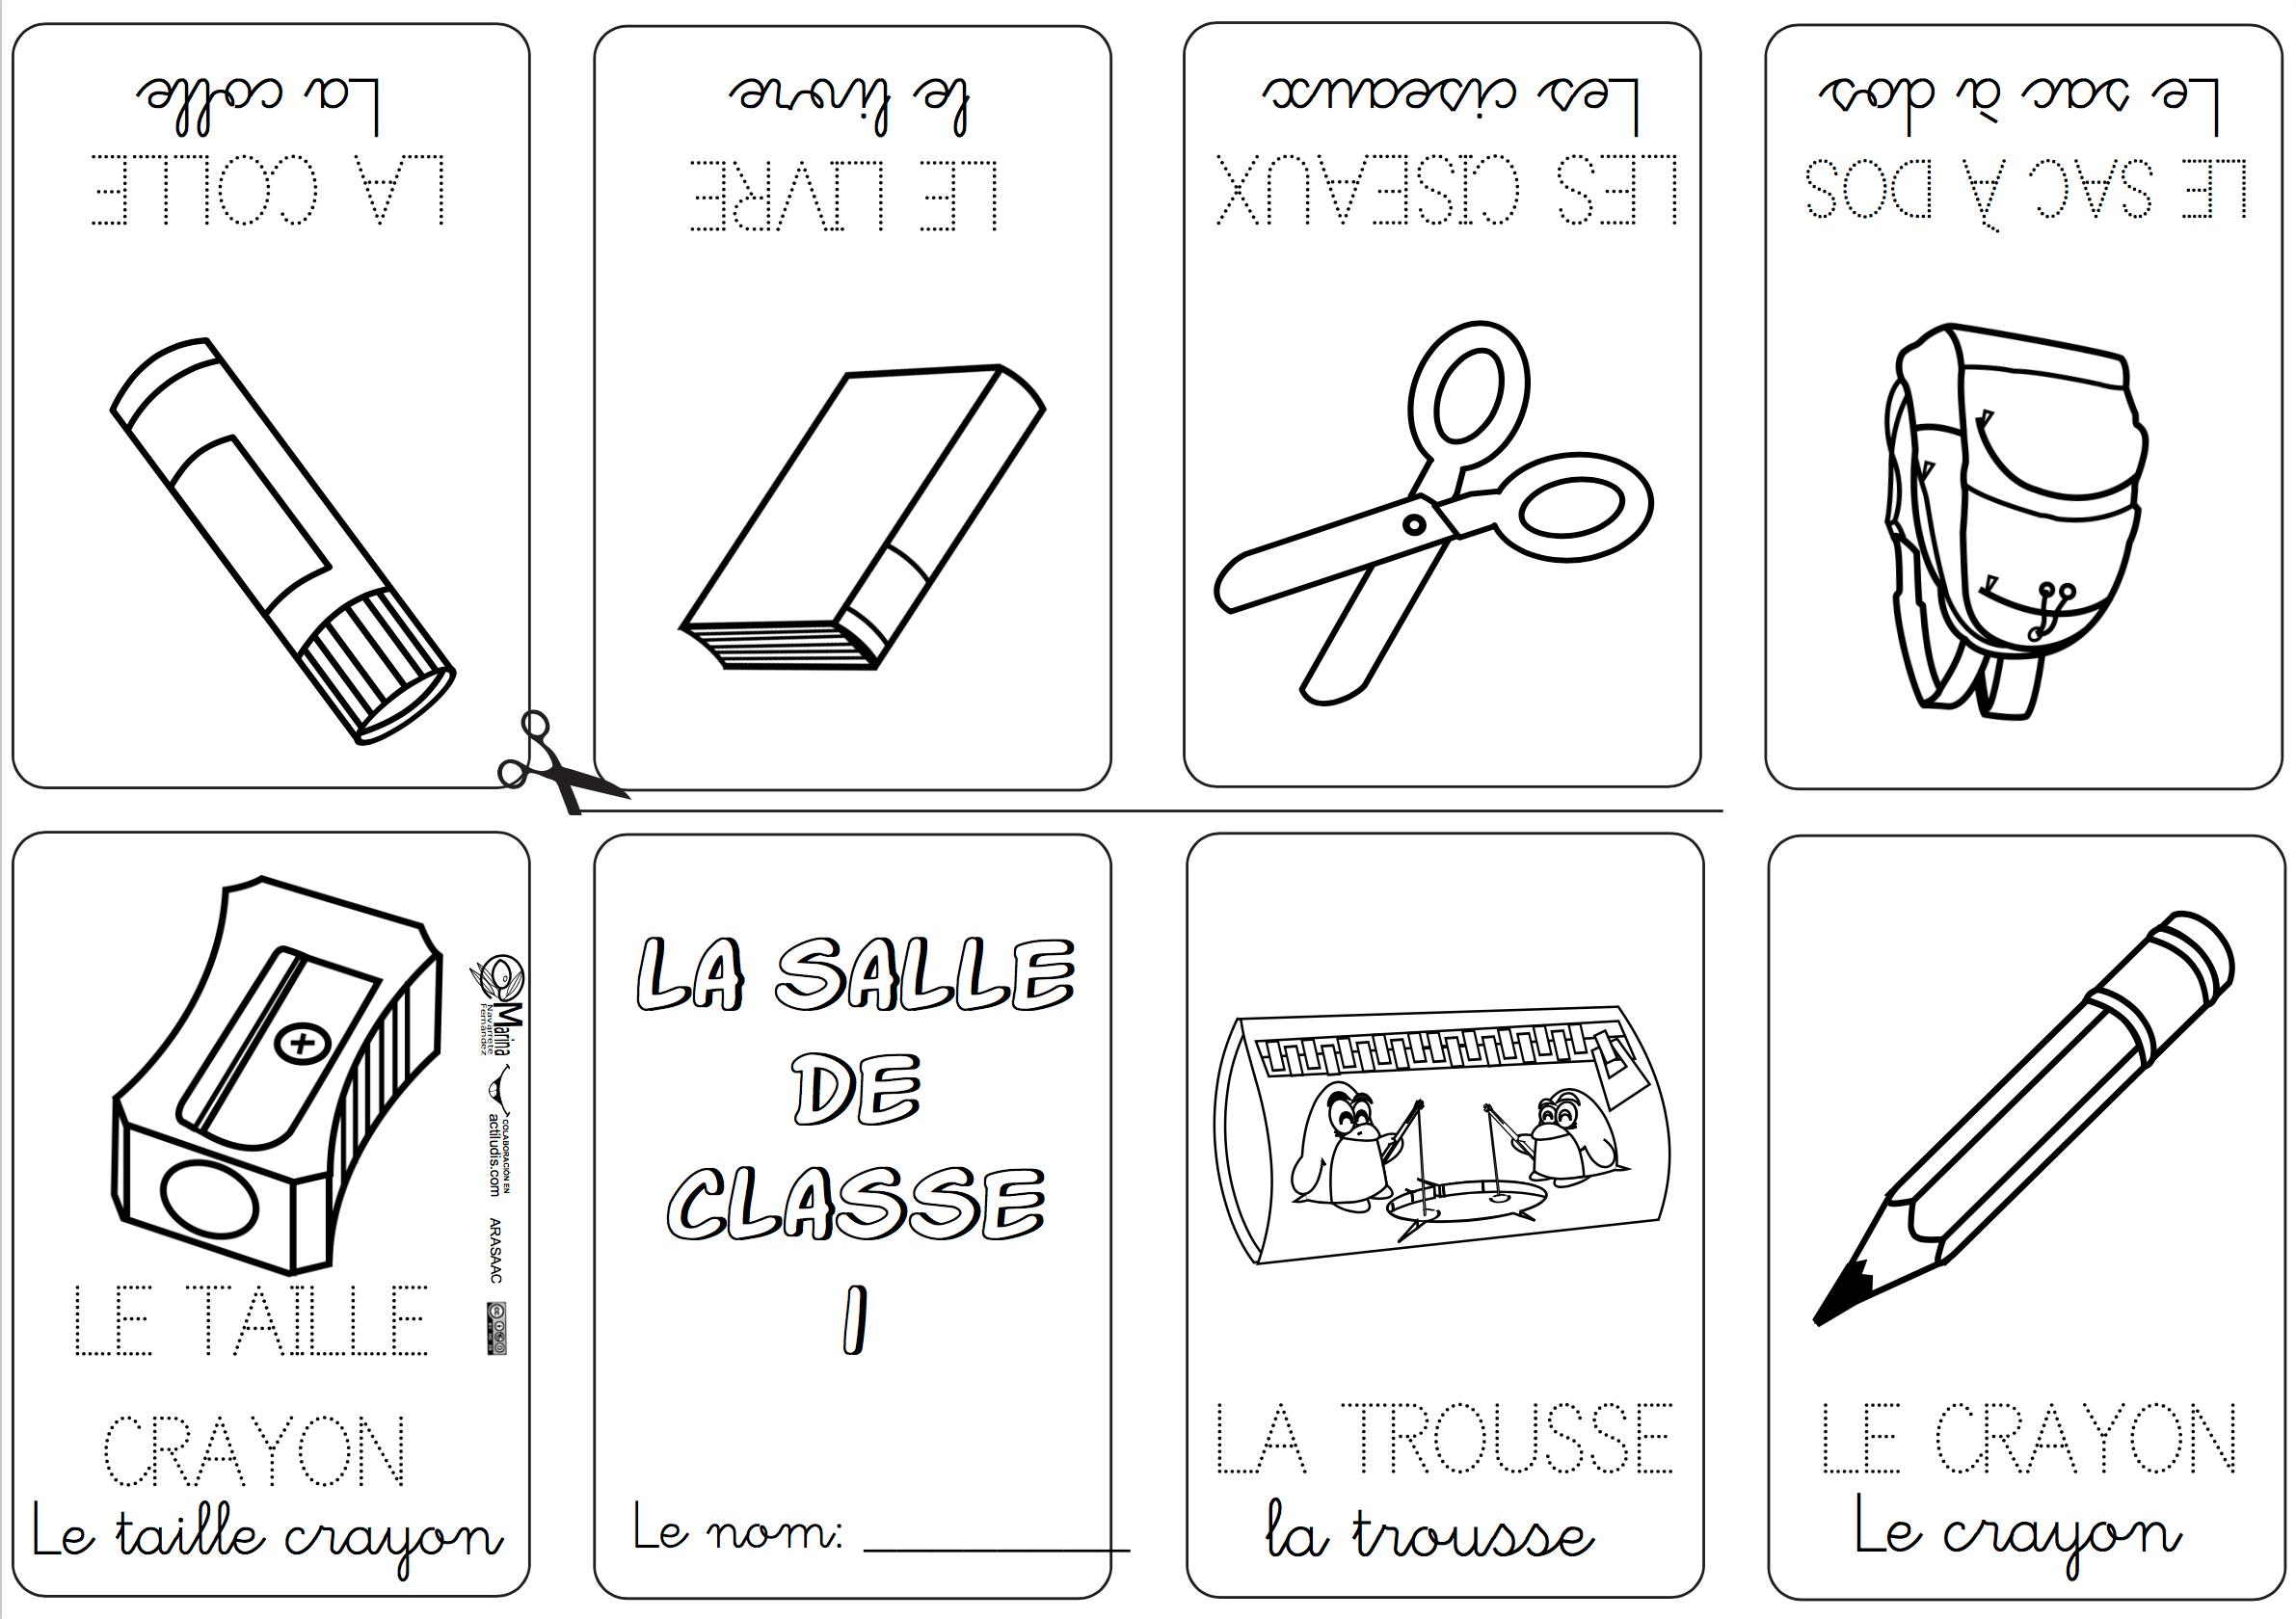 Mini libros y vocabulario en Francés Material escolar en